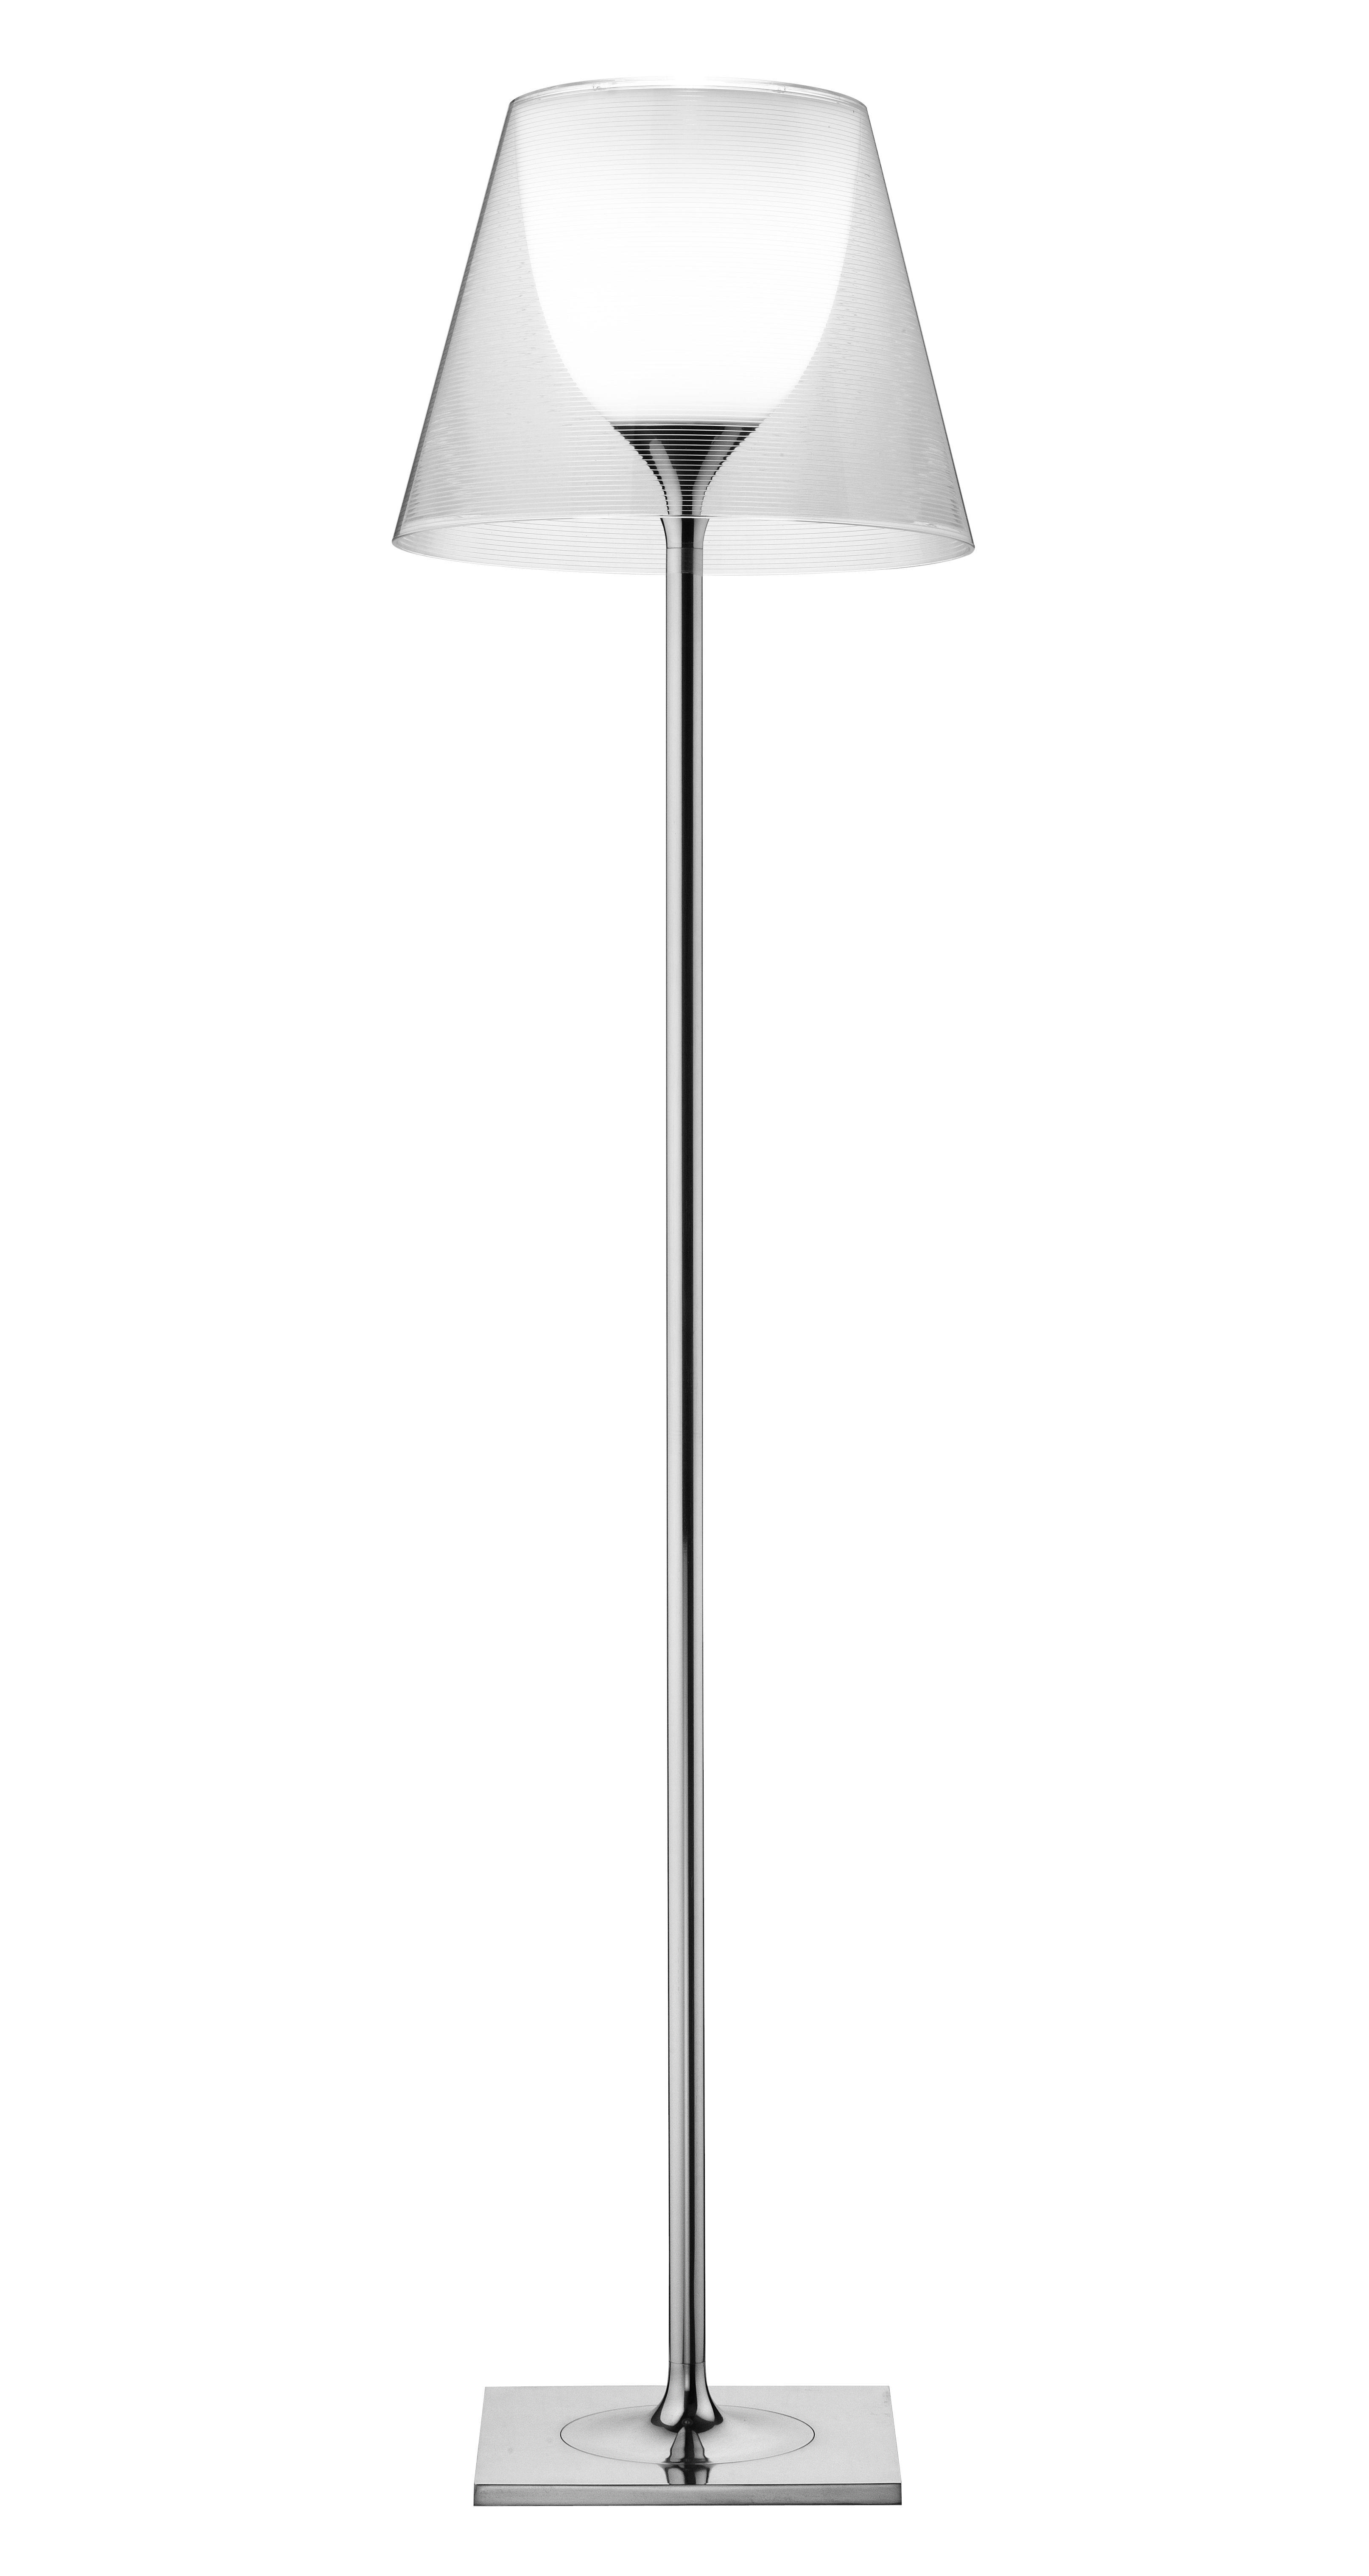 Leuchten - Stehleuchten - K Tribe F2 Stehleuchte H 162 cm - Flos - Transparent - PMMA, poliertes Aluminium